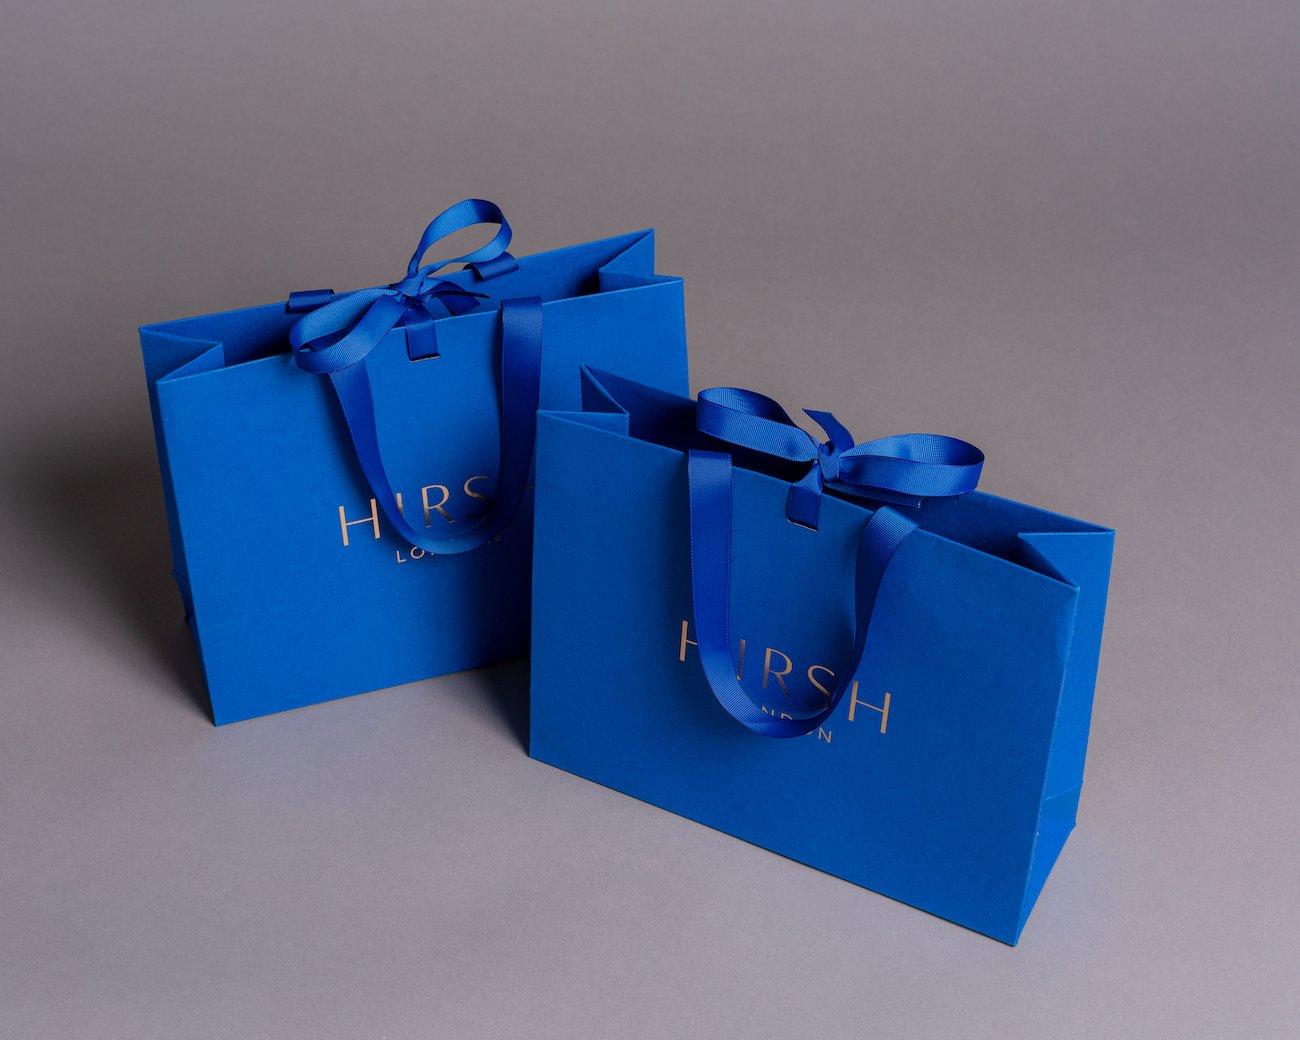 HIRSH LUXURY PAPER BAGS